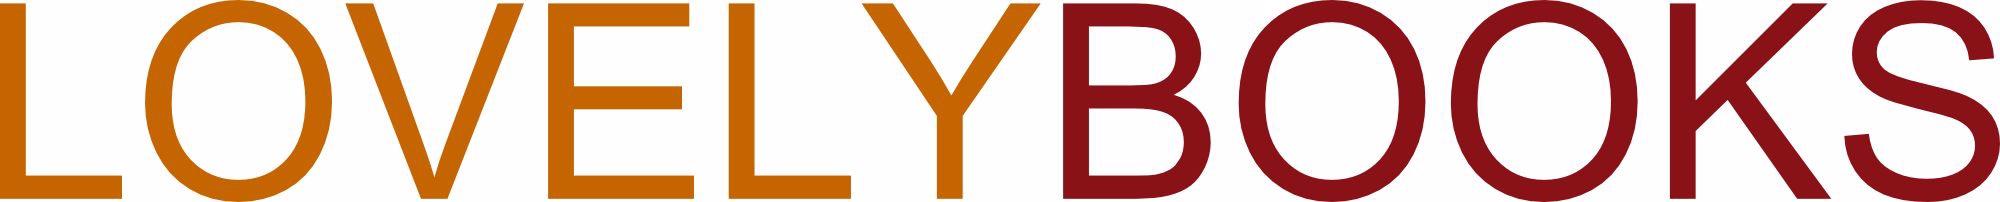 LOVELYBOOKS_Logo.jpg